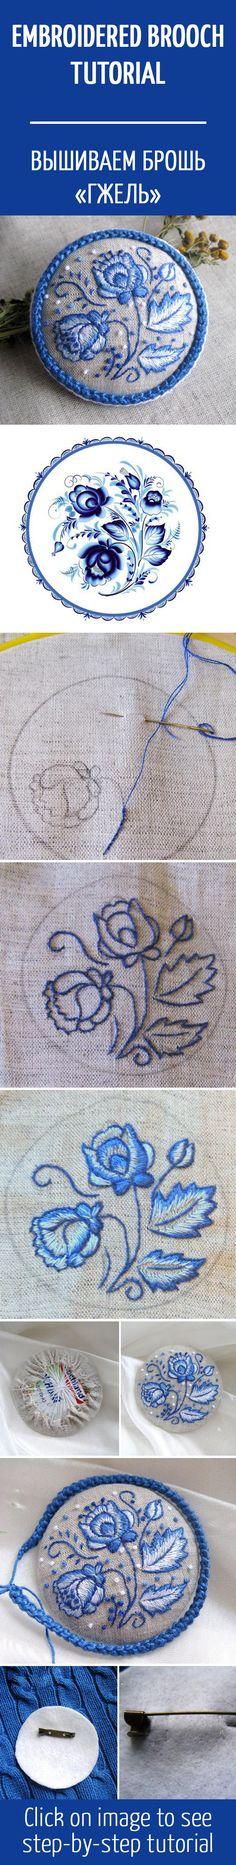 Вышиваем стилизованную брошку «Гжель» / Embroidered brooch tutorial